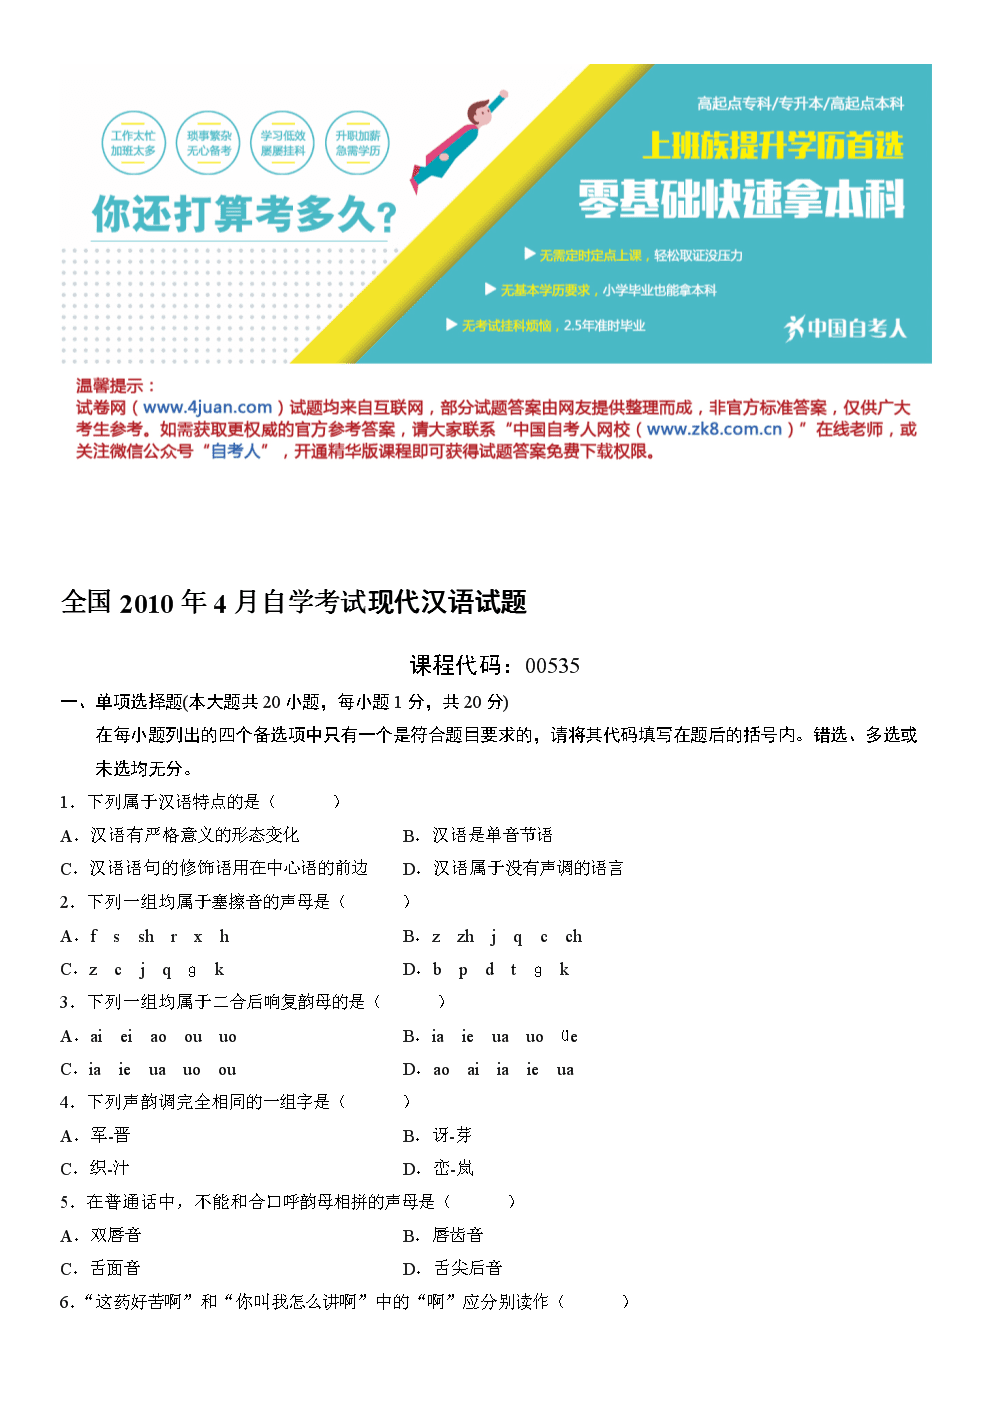 全国2010年4月自学考试现代汉语试题.doc